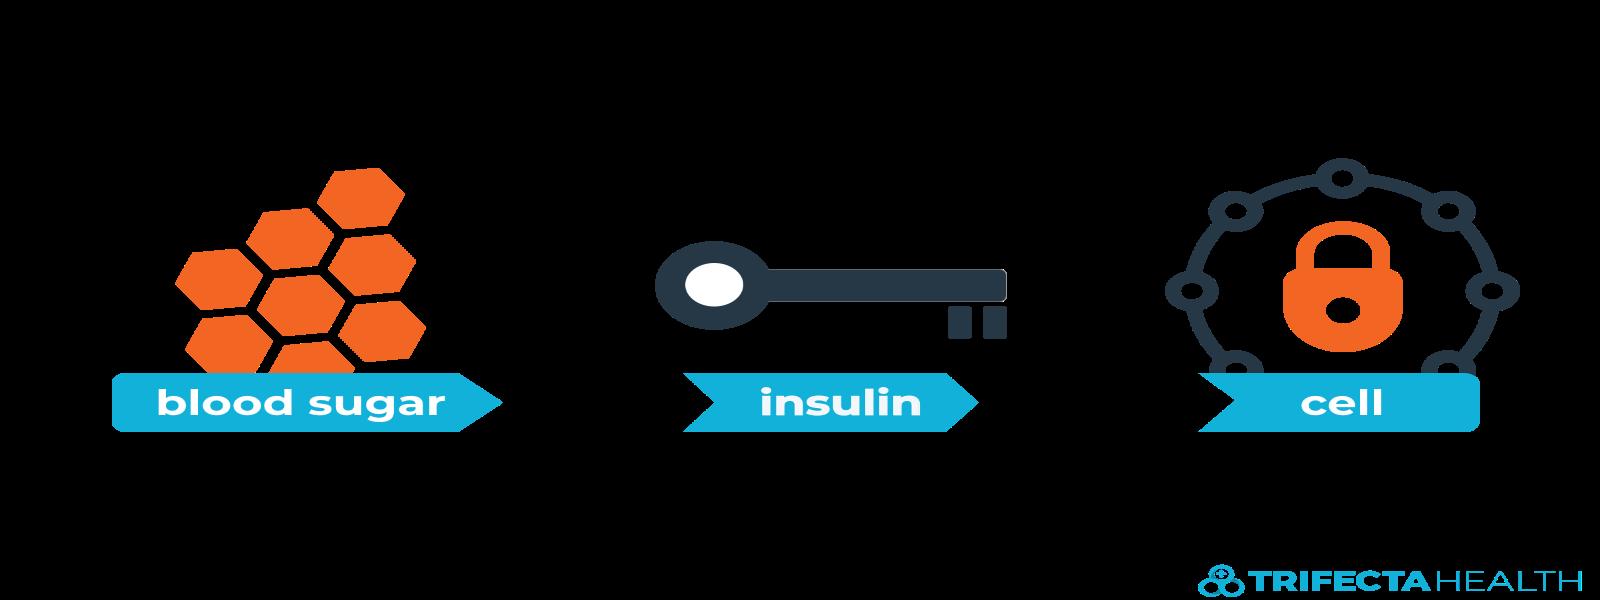 insulin_glucose_diabetes-2